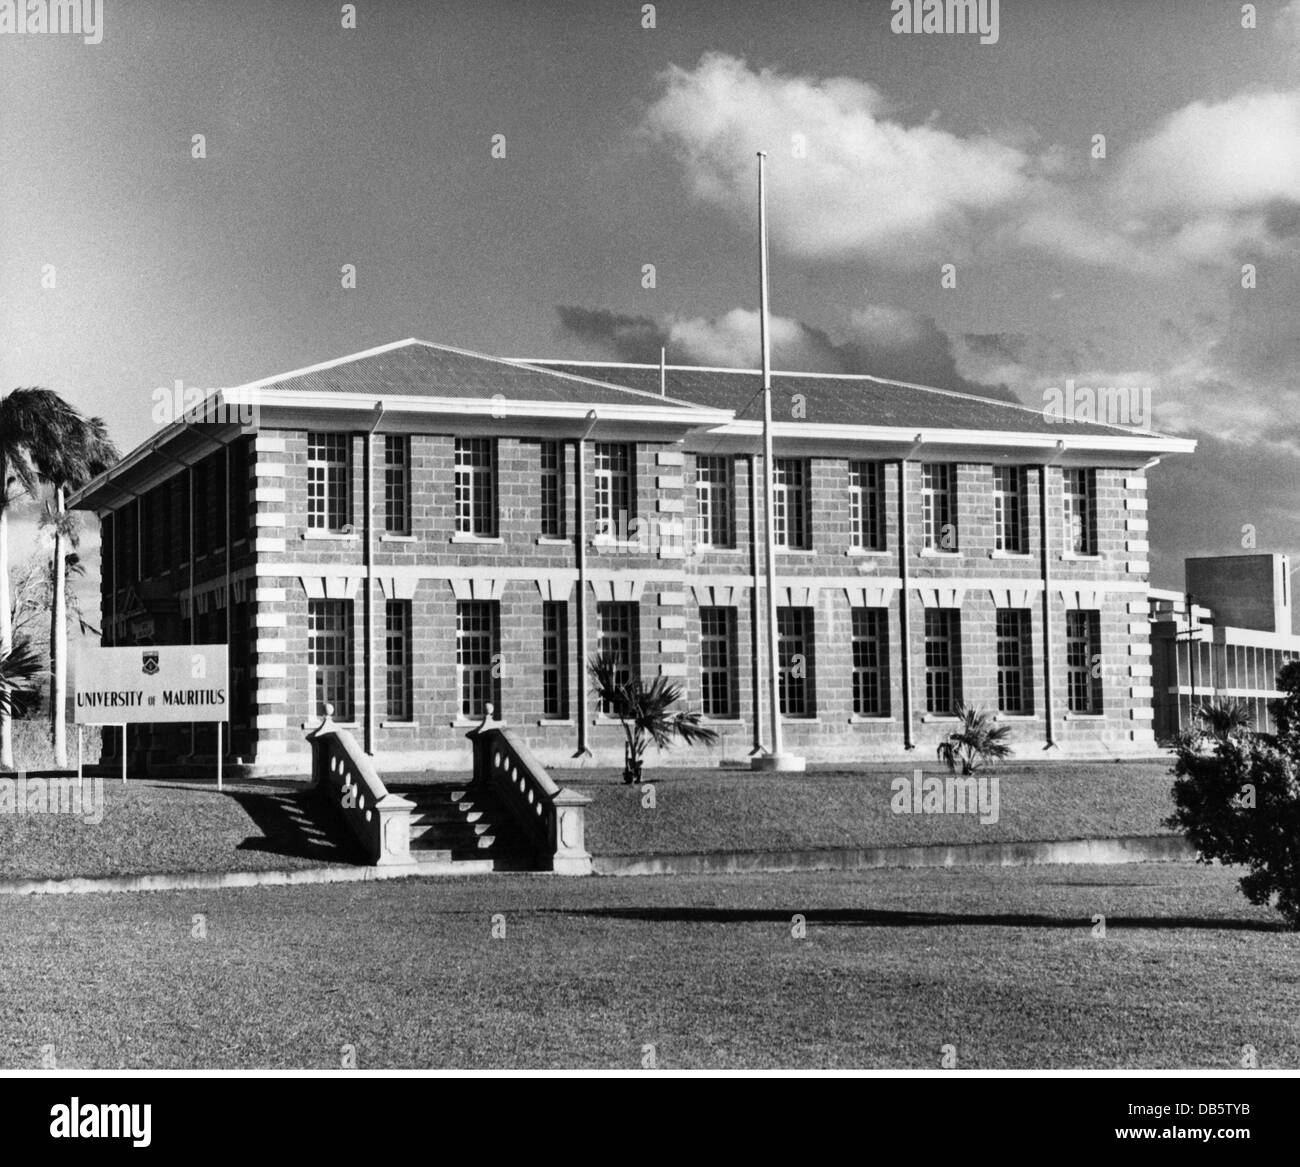 Geografía / viajes, Mauricio, Vacoas, Universidad, Le Reduit (1960, 60s del siglo XX, histórico, Histórico Imagen De Stock